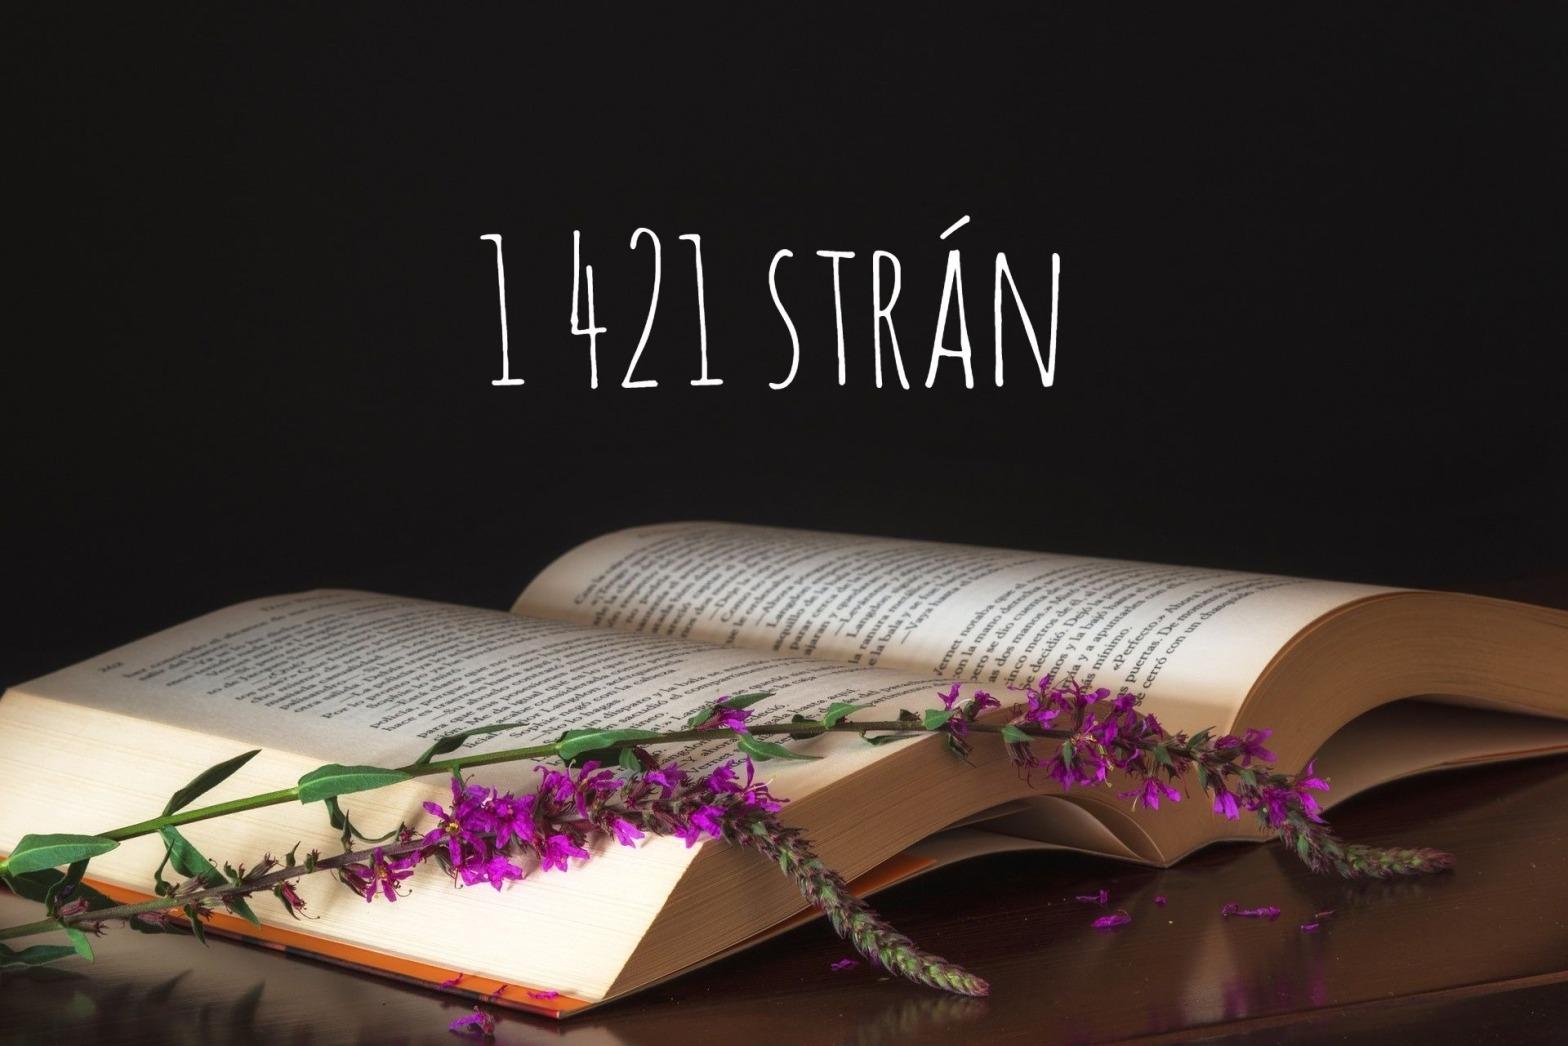 1421 strán